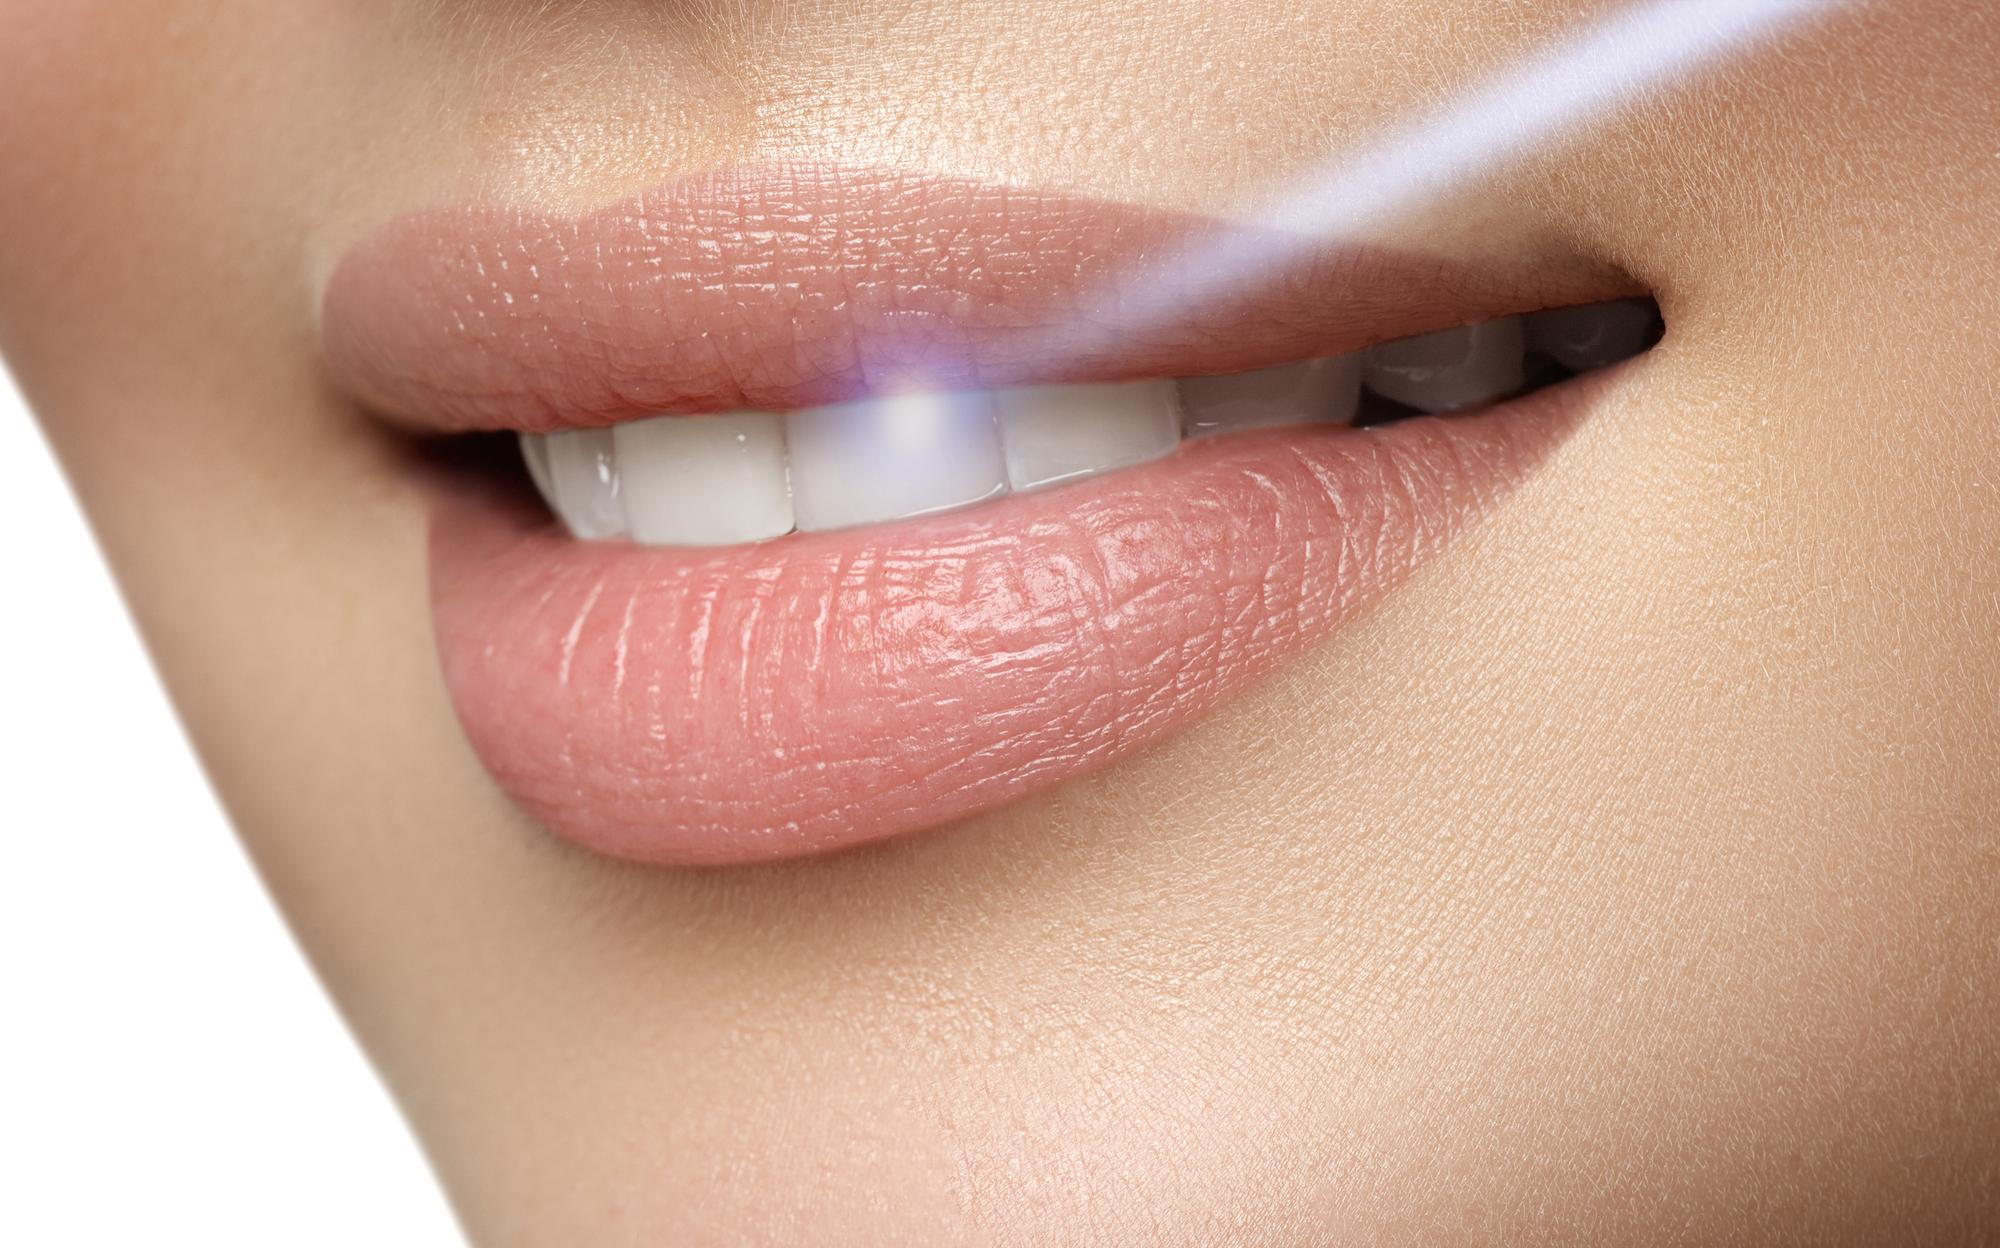 Tẩy trắng răng Laser Whitening là gì?